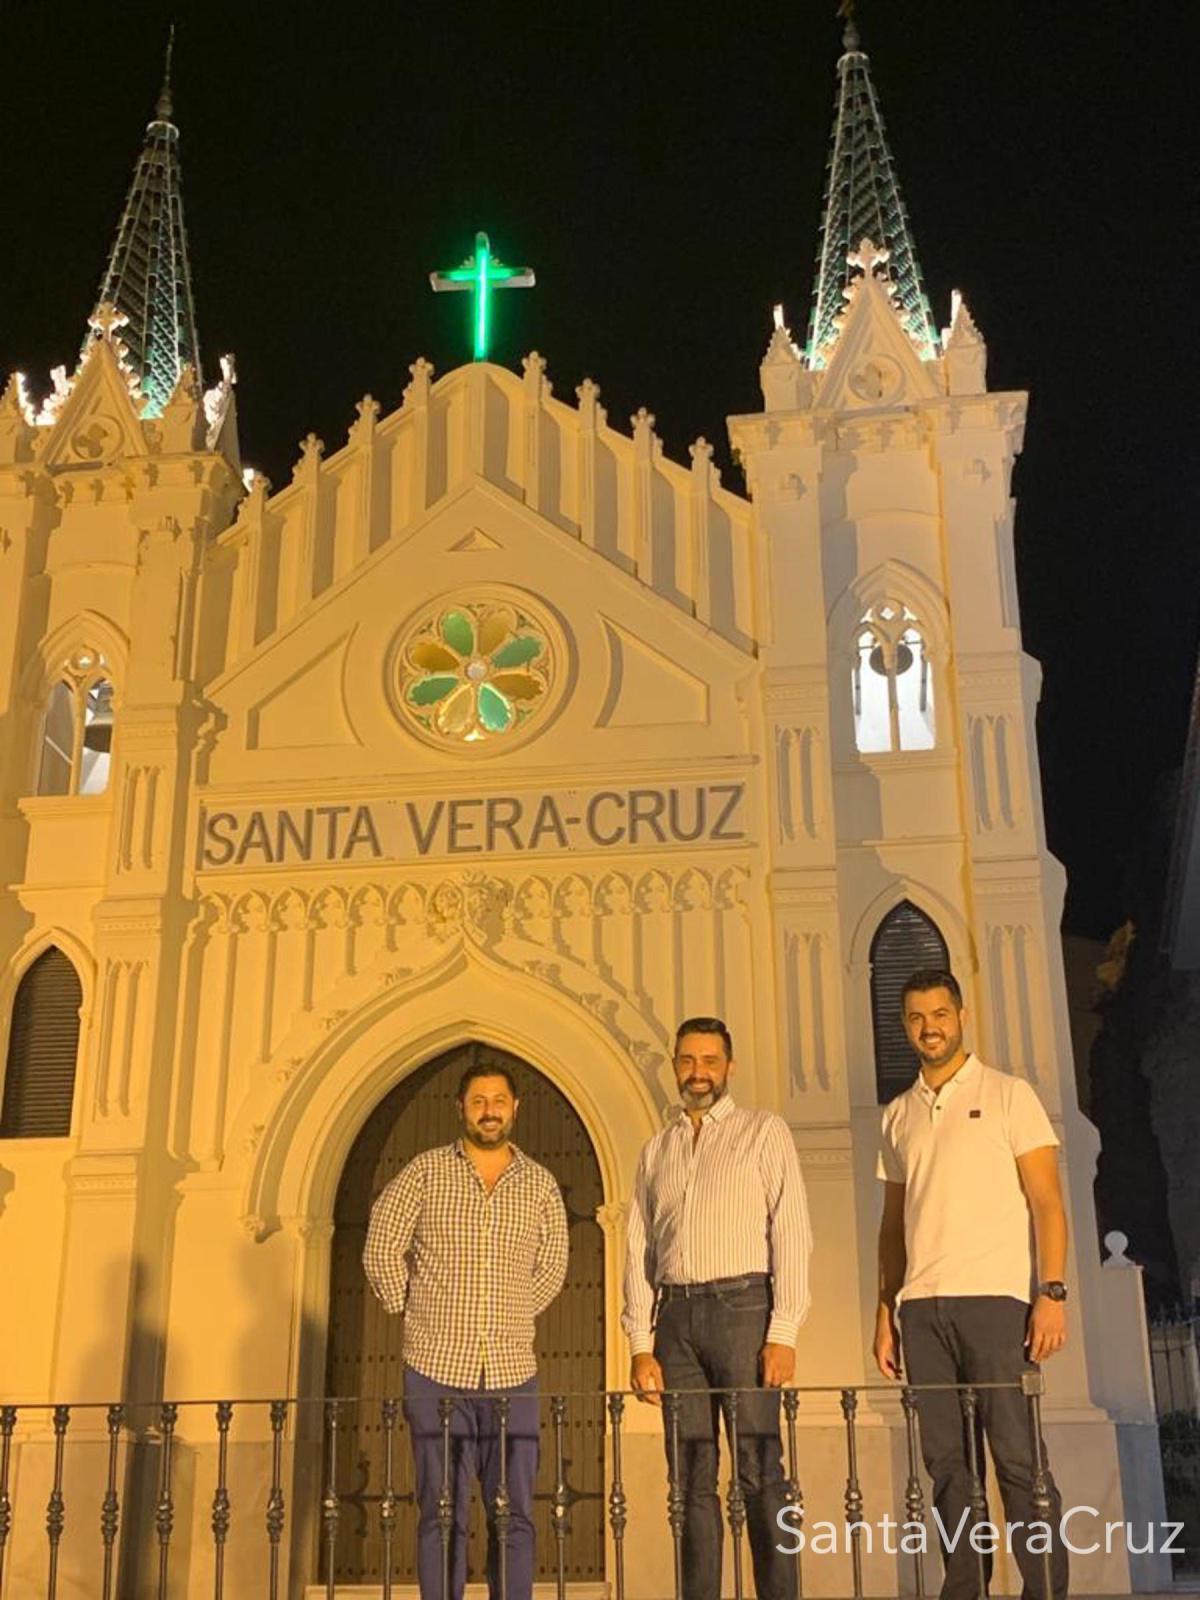 José Antonio Jiménez, realizará el cartel del Centenario de la Ermita de la Santa Vera+Cruz.